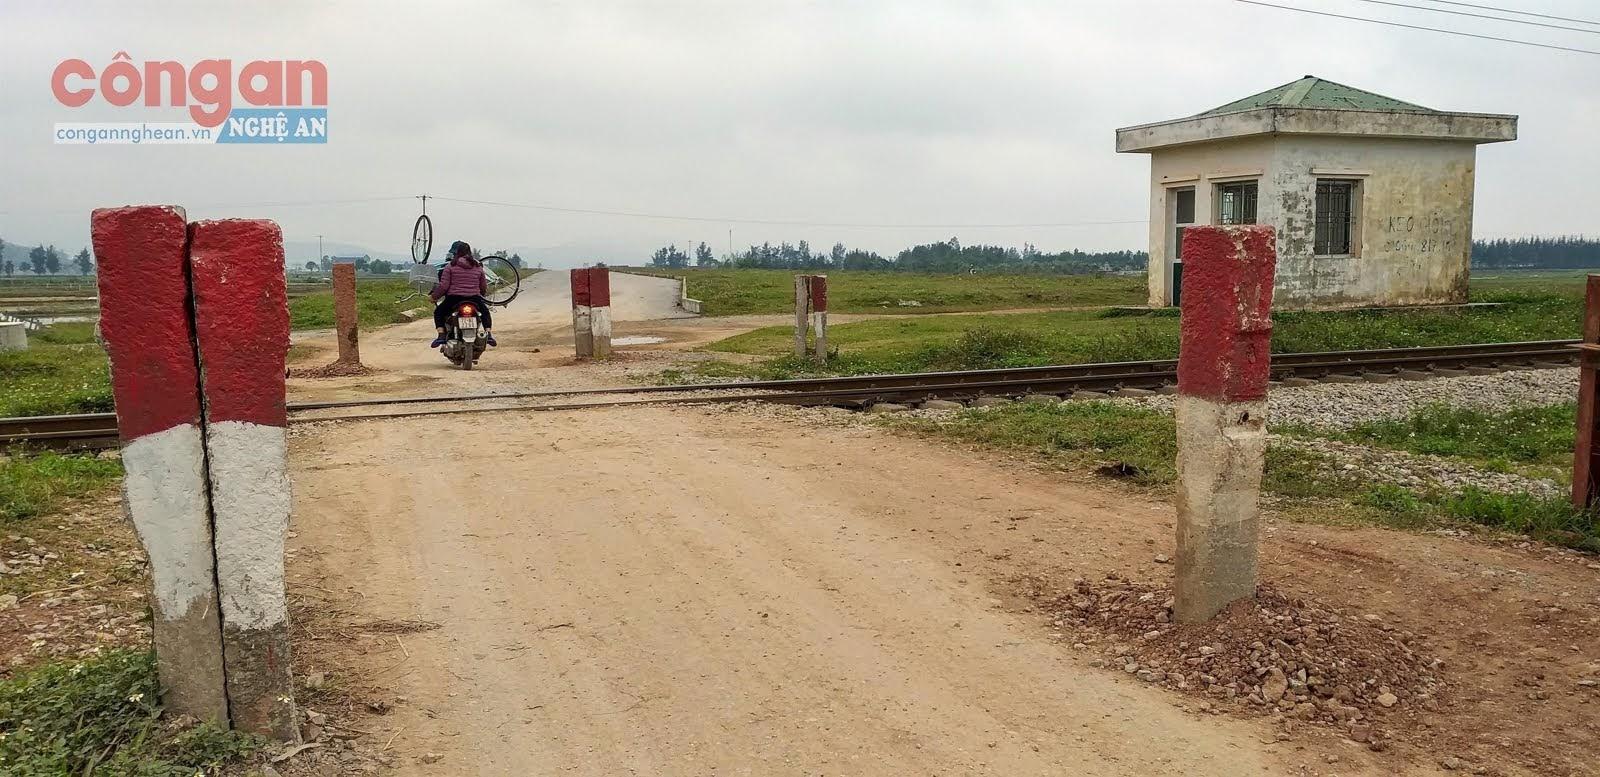 Điểm giao cắt đường bộ, đường sắt không có người  trông coi gác chắn rất dễ xảy ra tai nạn giao thông